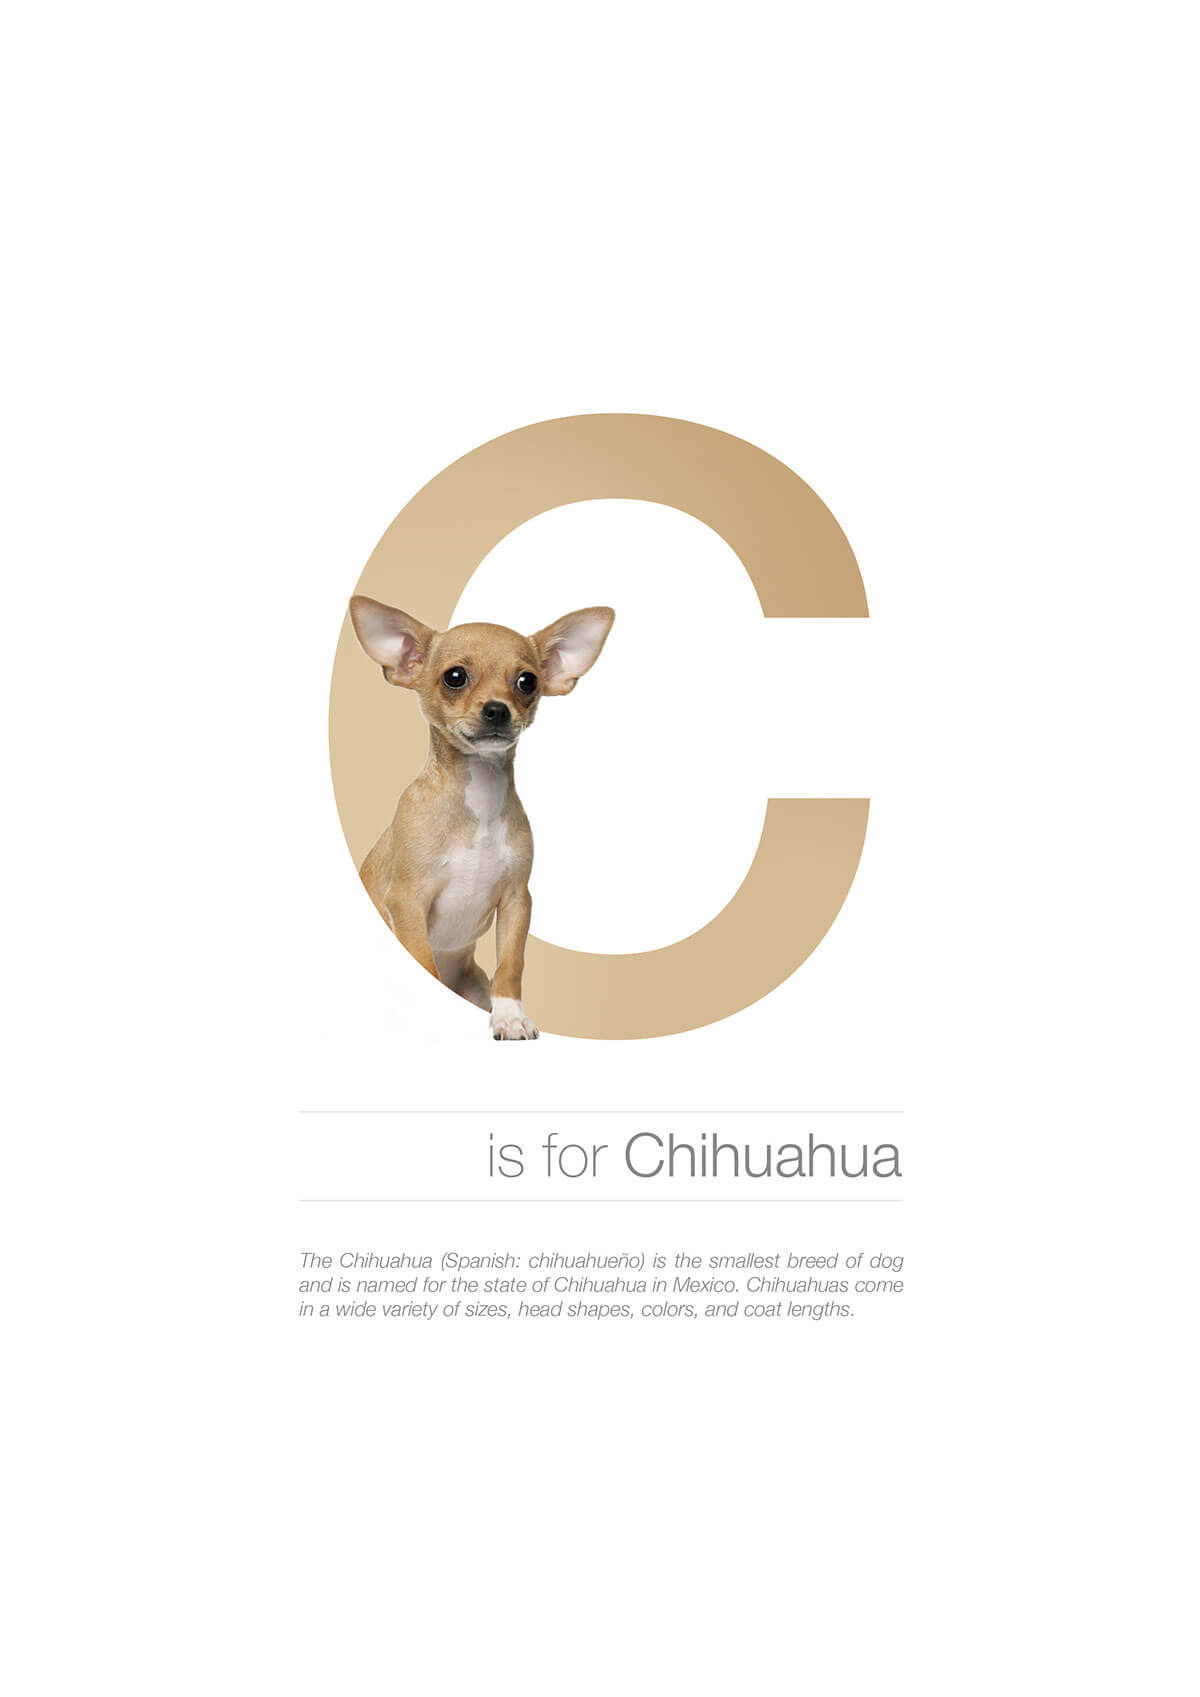 C ตัวอักษรกราฟฟิค A Z สายพันธุ์หมาไอเดียน่ารักจากดีไซน์เนอร์โรมาเนีย